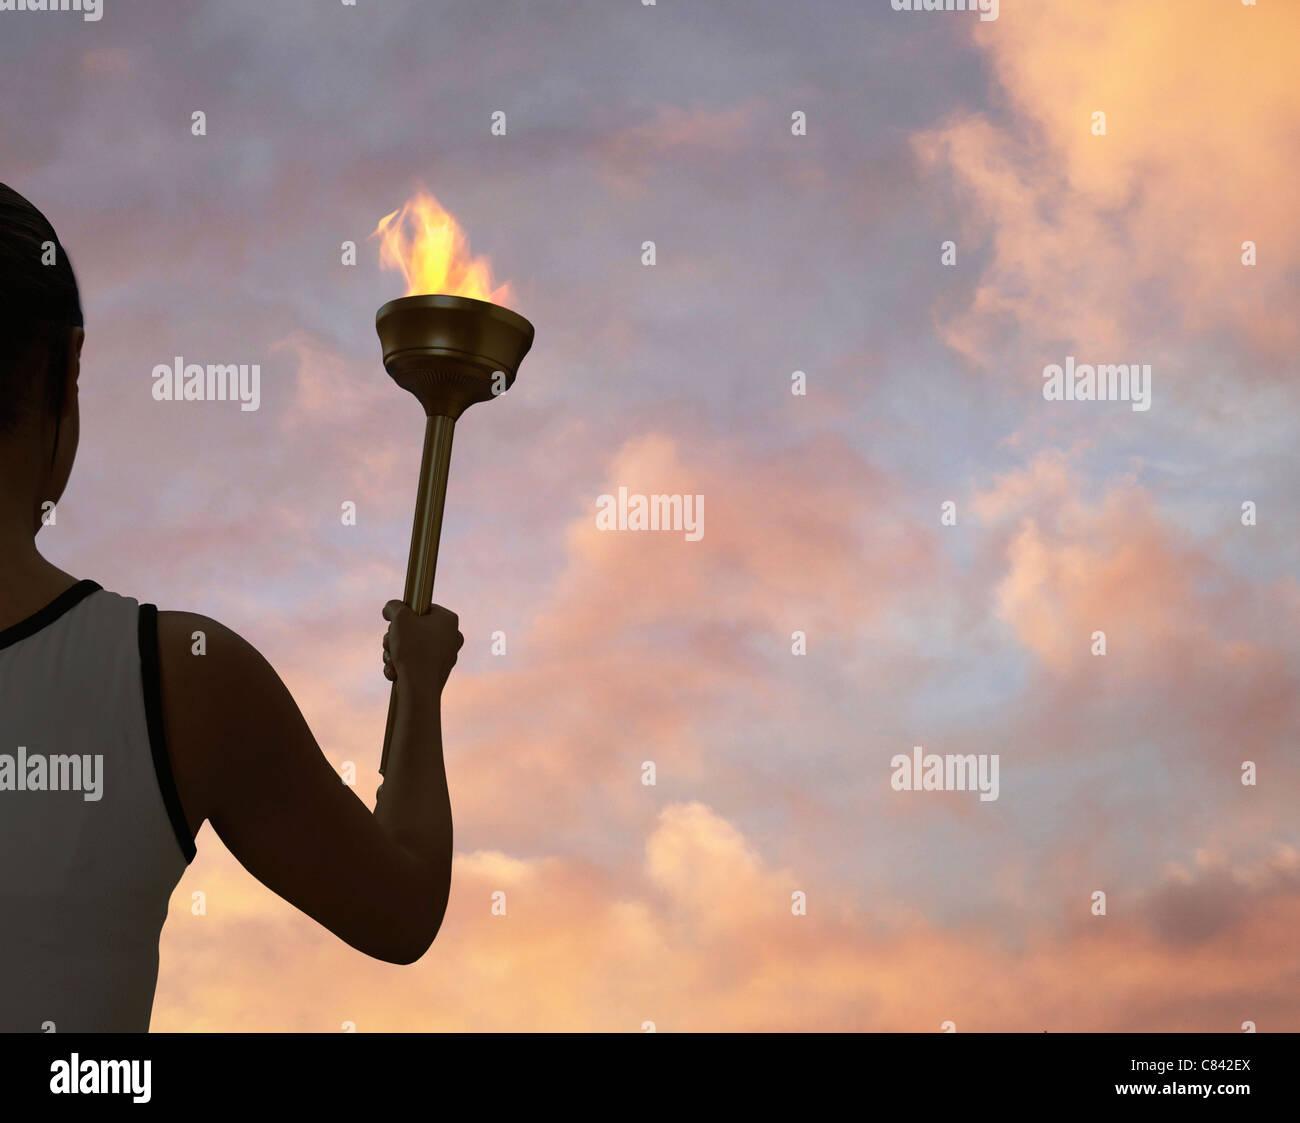 Athlete holding flaming baton - Stock Image